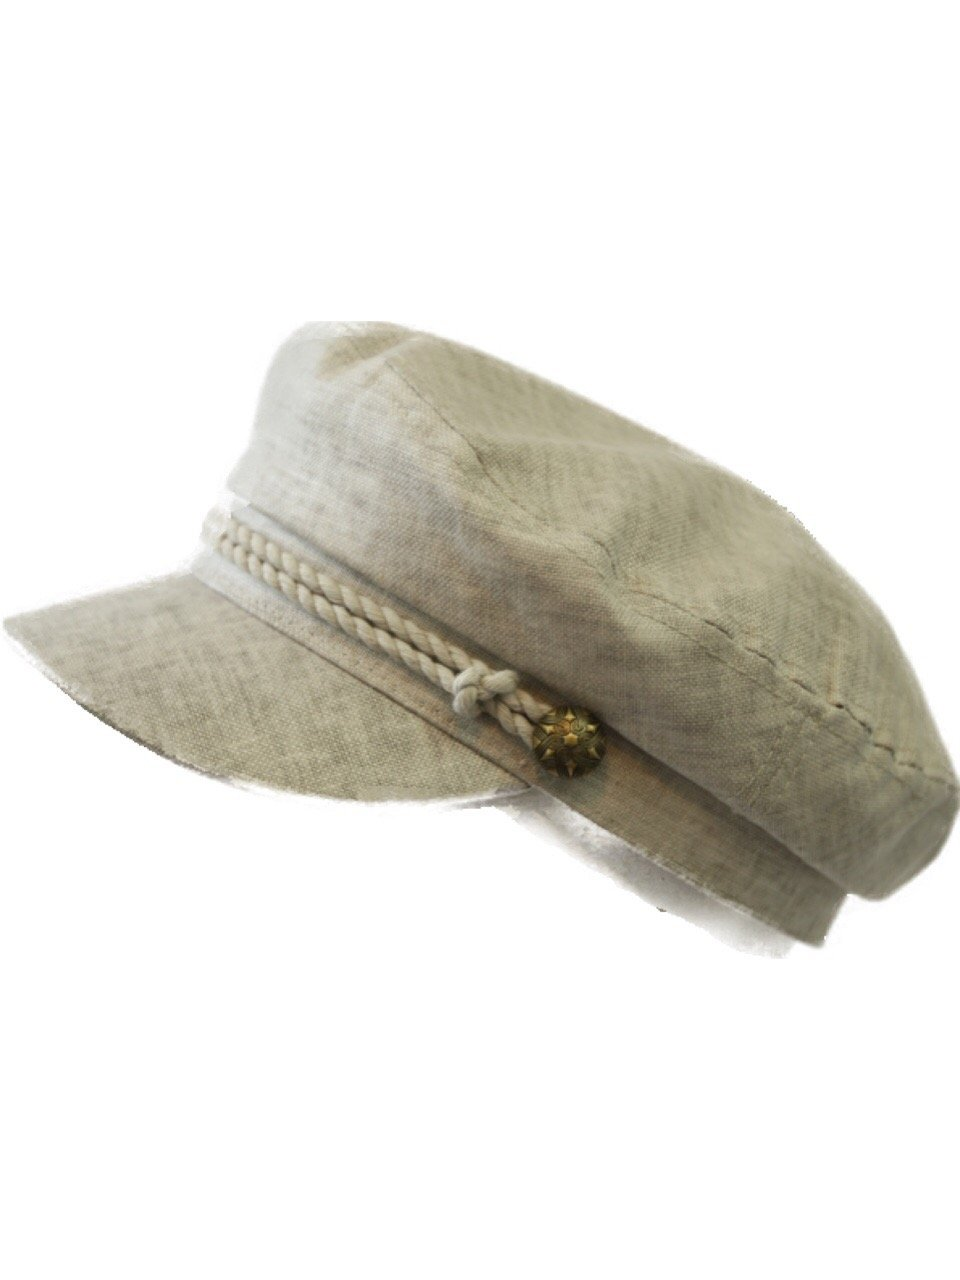 90210 Wholesale Sailor Captain Fisherman Cap Fashion Yacht Boat Costume Linen Fiddler Hat (Light Gray)